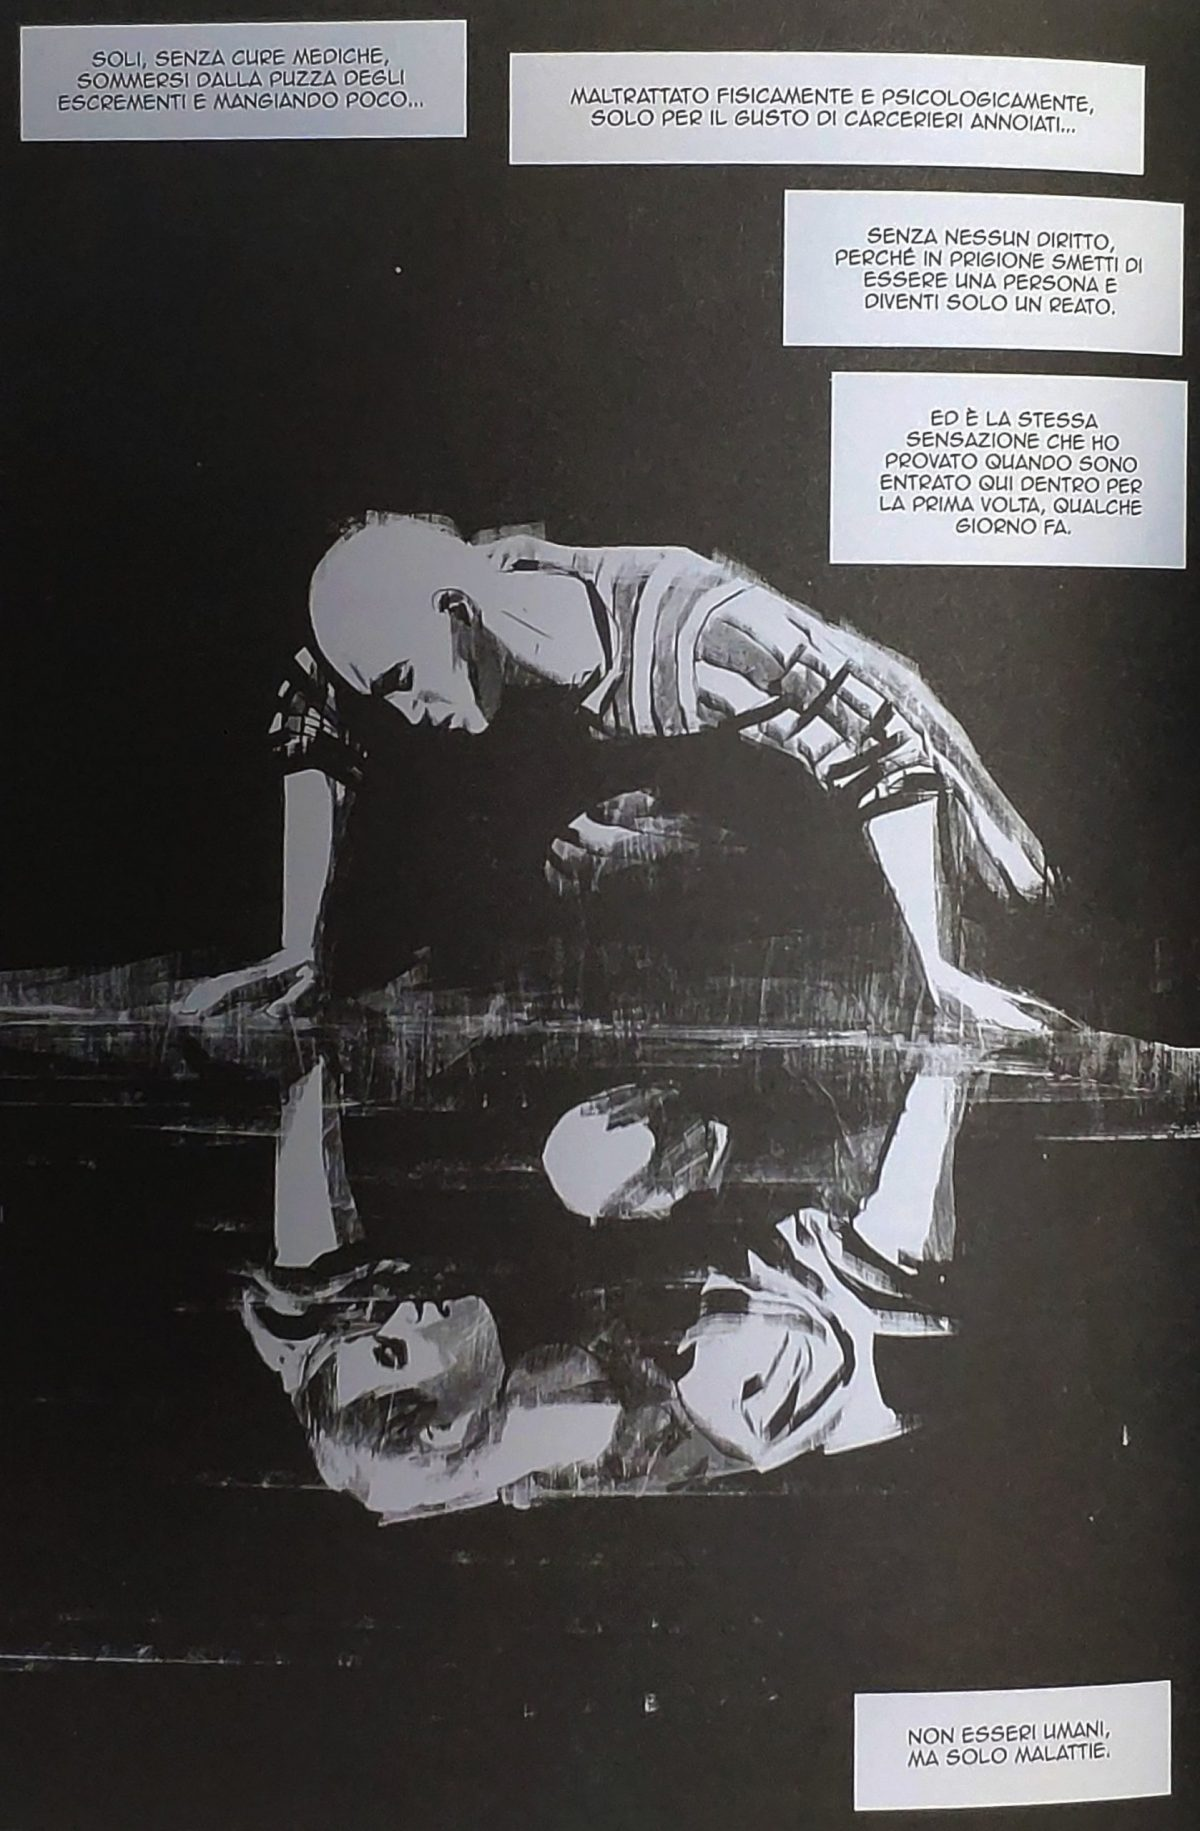 Mio caro fumetto... - Armando Mìron Polacco e il suo richiamo al Narciso di Caravaggio